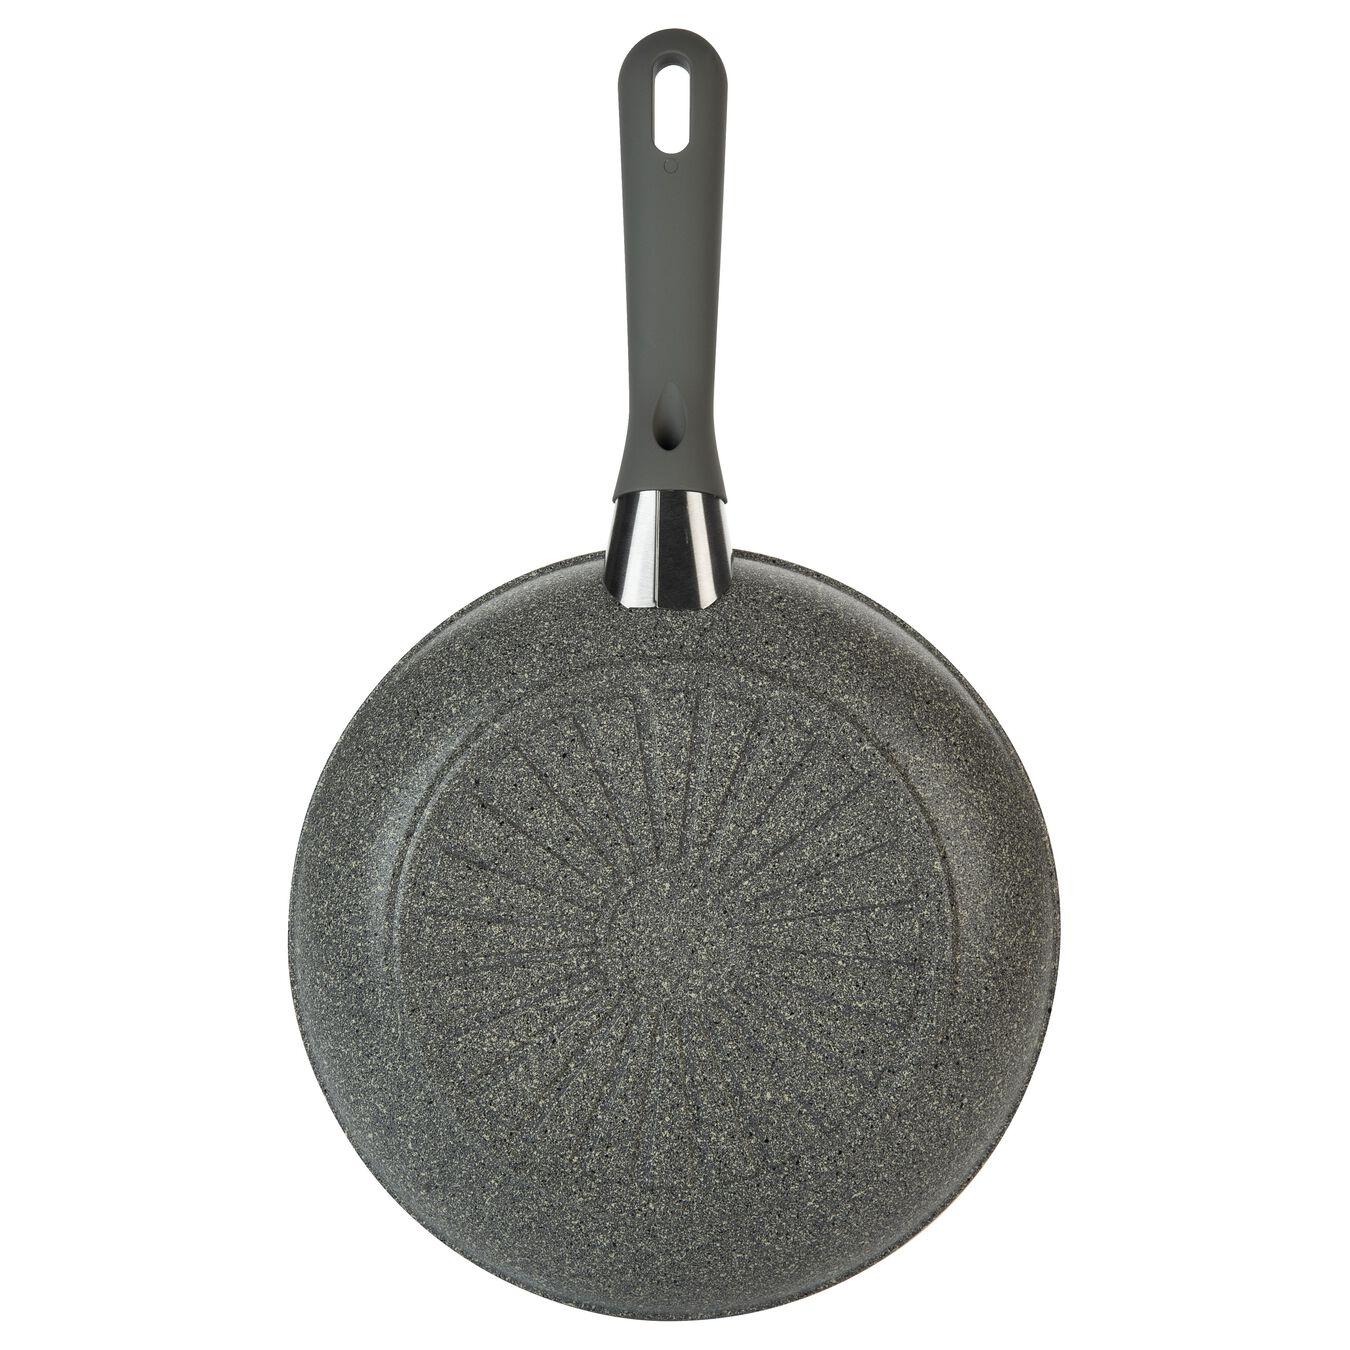 Padella - 28 cm, alluminio, Granitium Extreme,,large 2